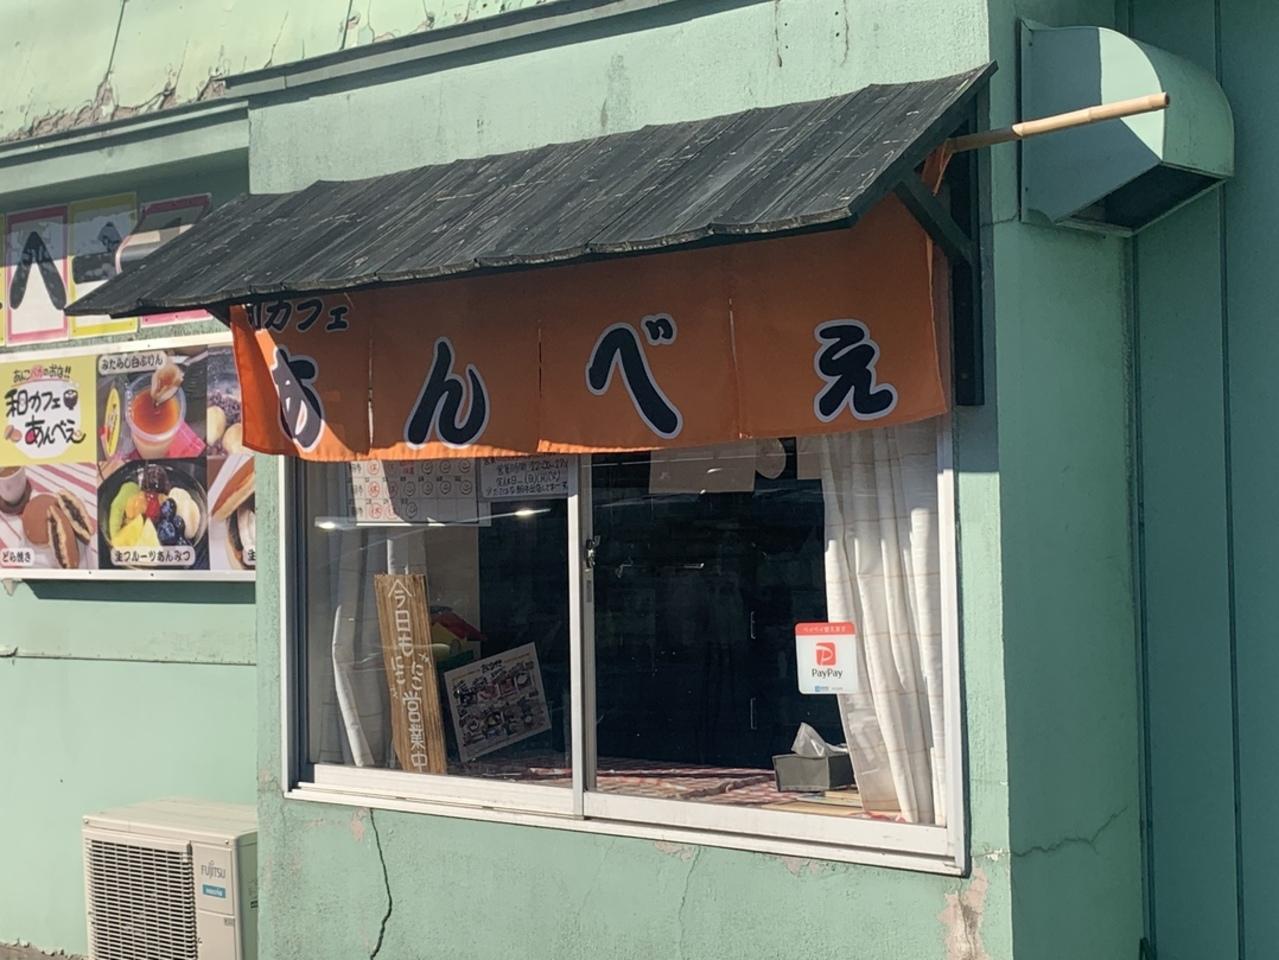 【八戸市中居林】「和カフェ あんべぇ」 21.6.3から営業再開しました!